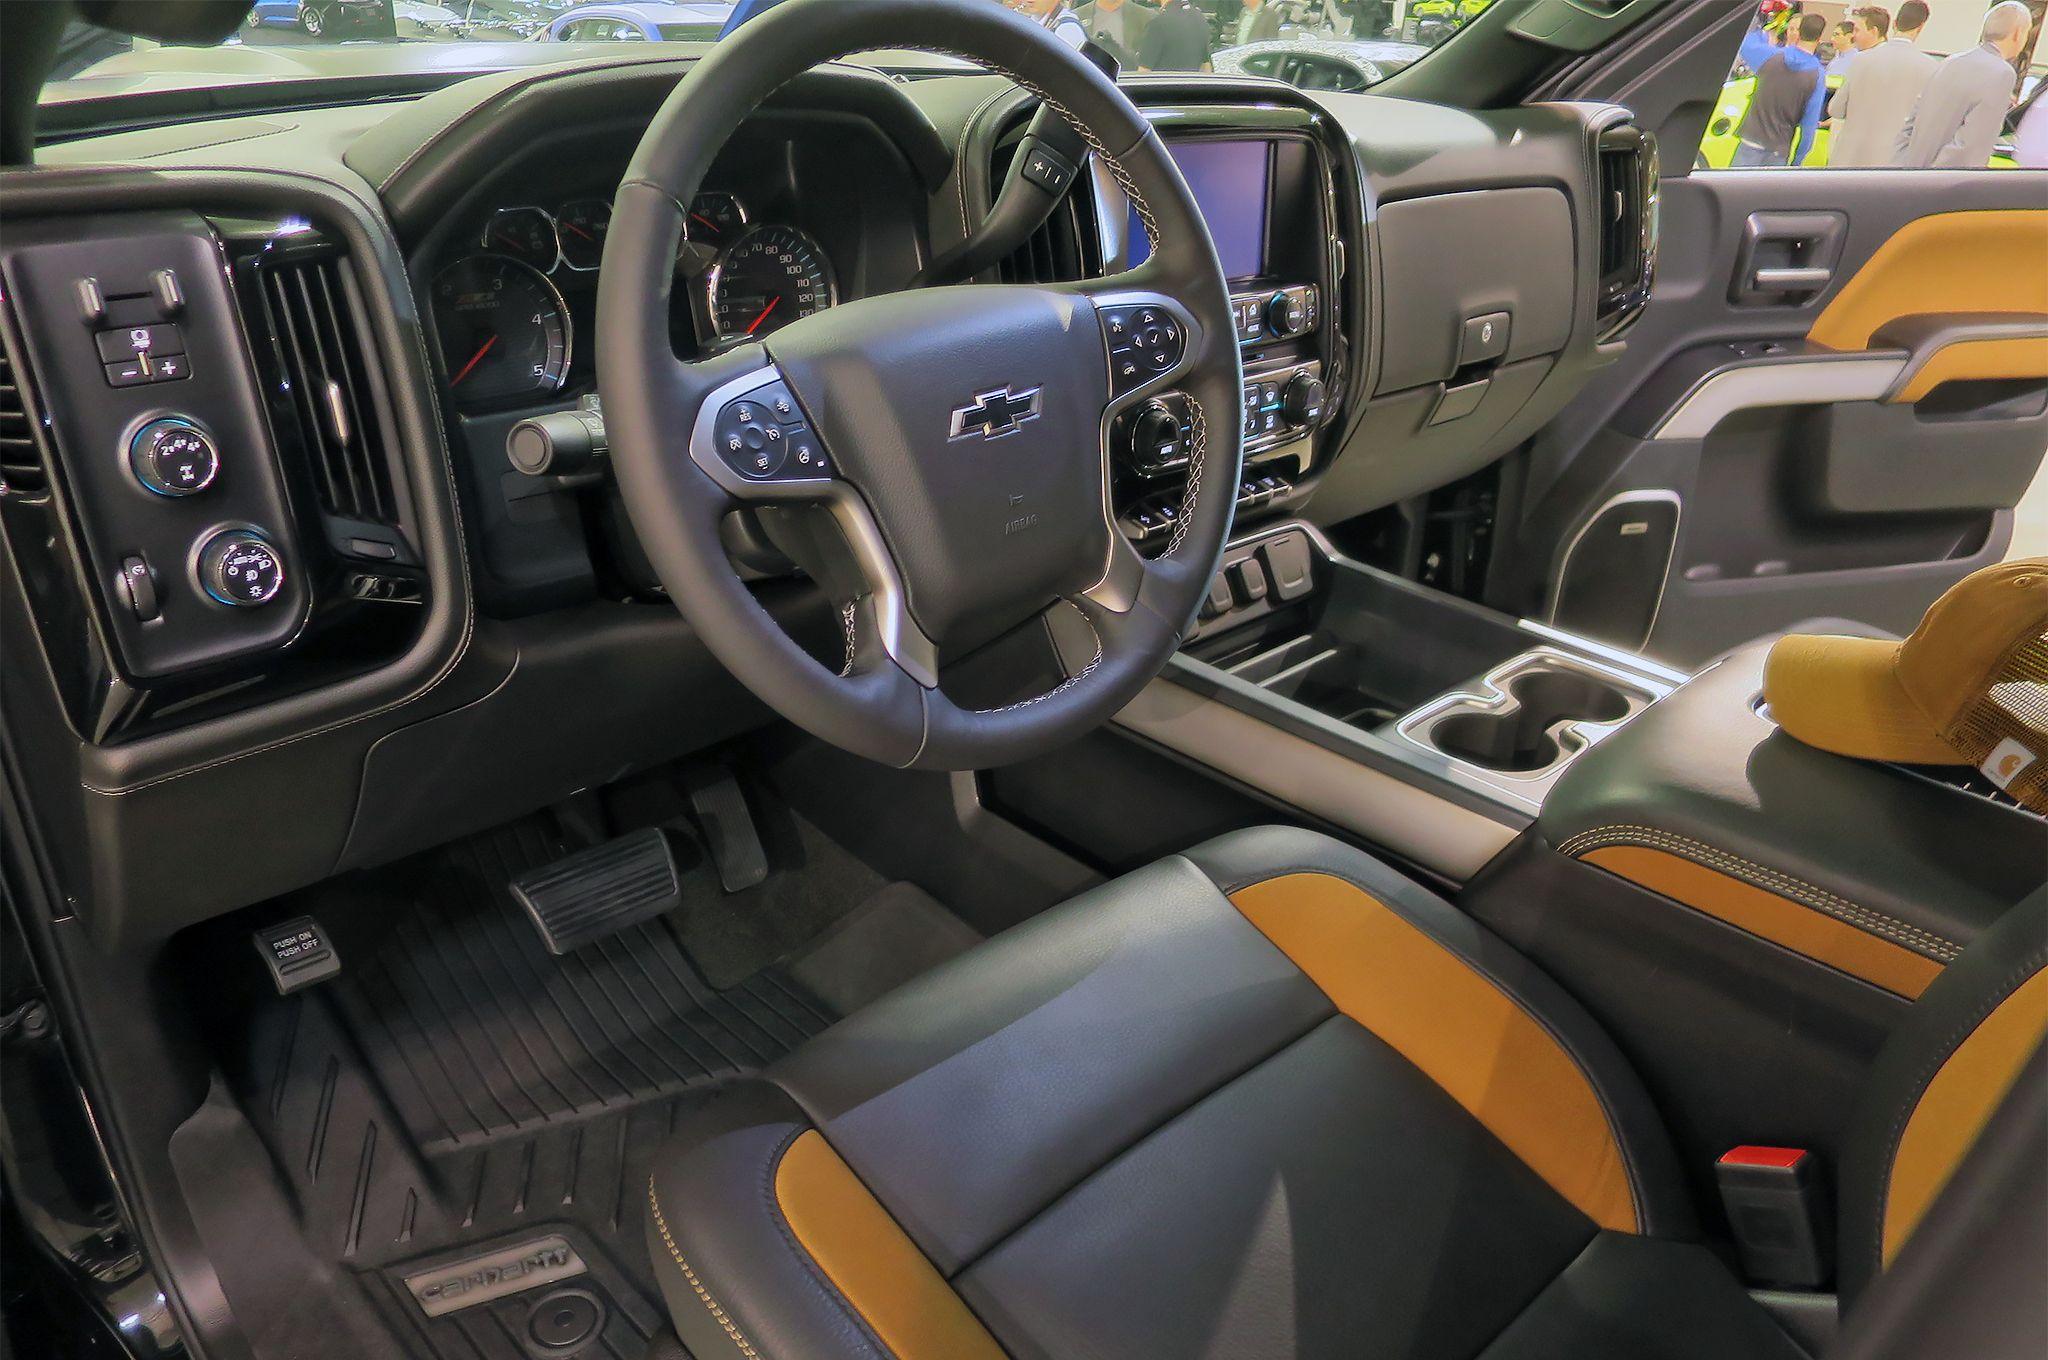 Carhartt Interieur Chevy 2017 Dmax L5p Diesel Trucks Chevy